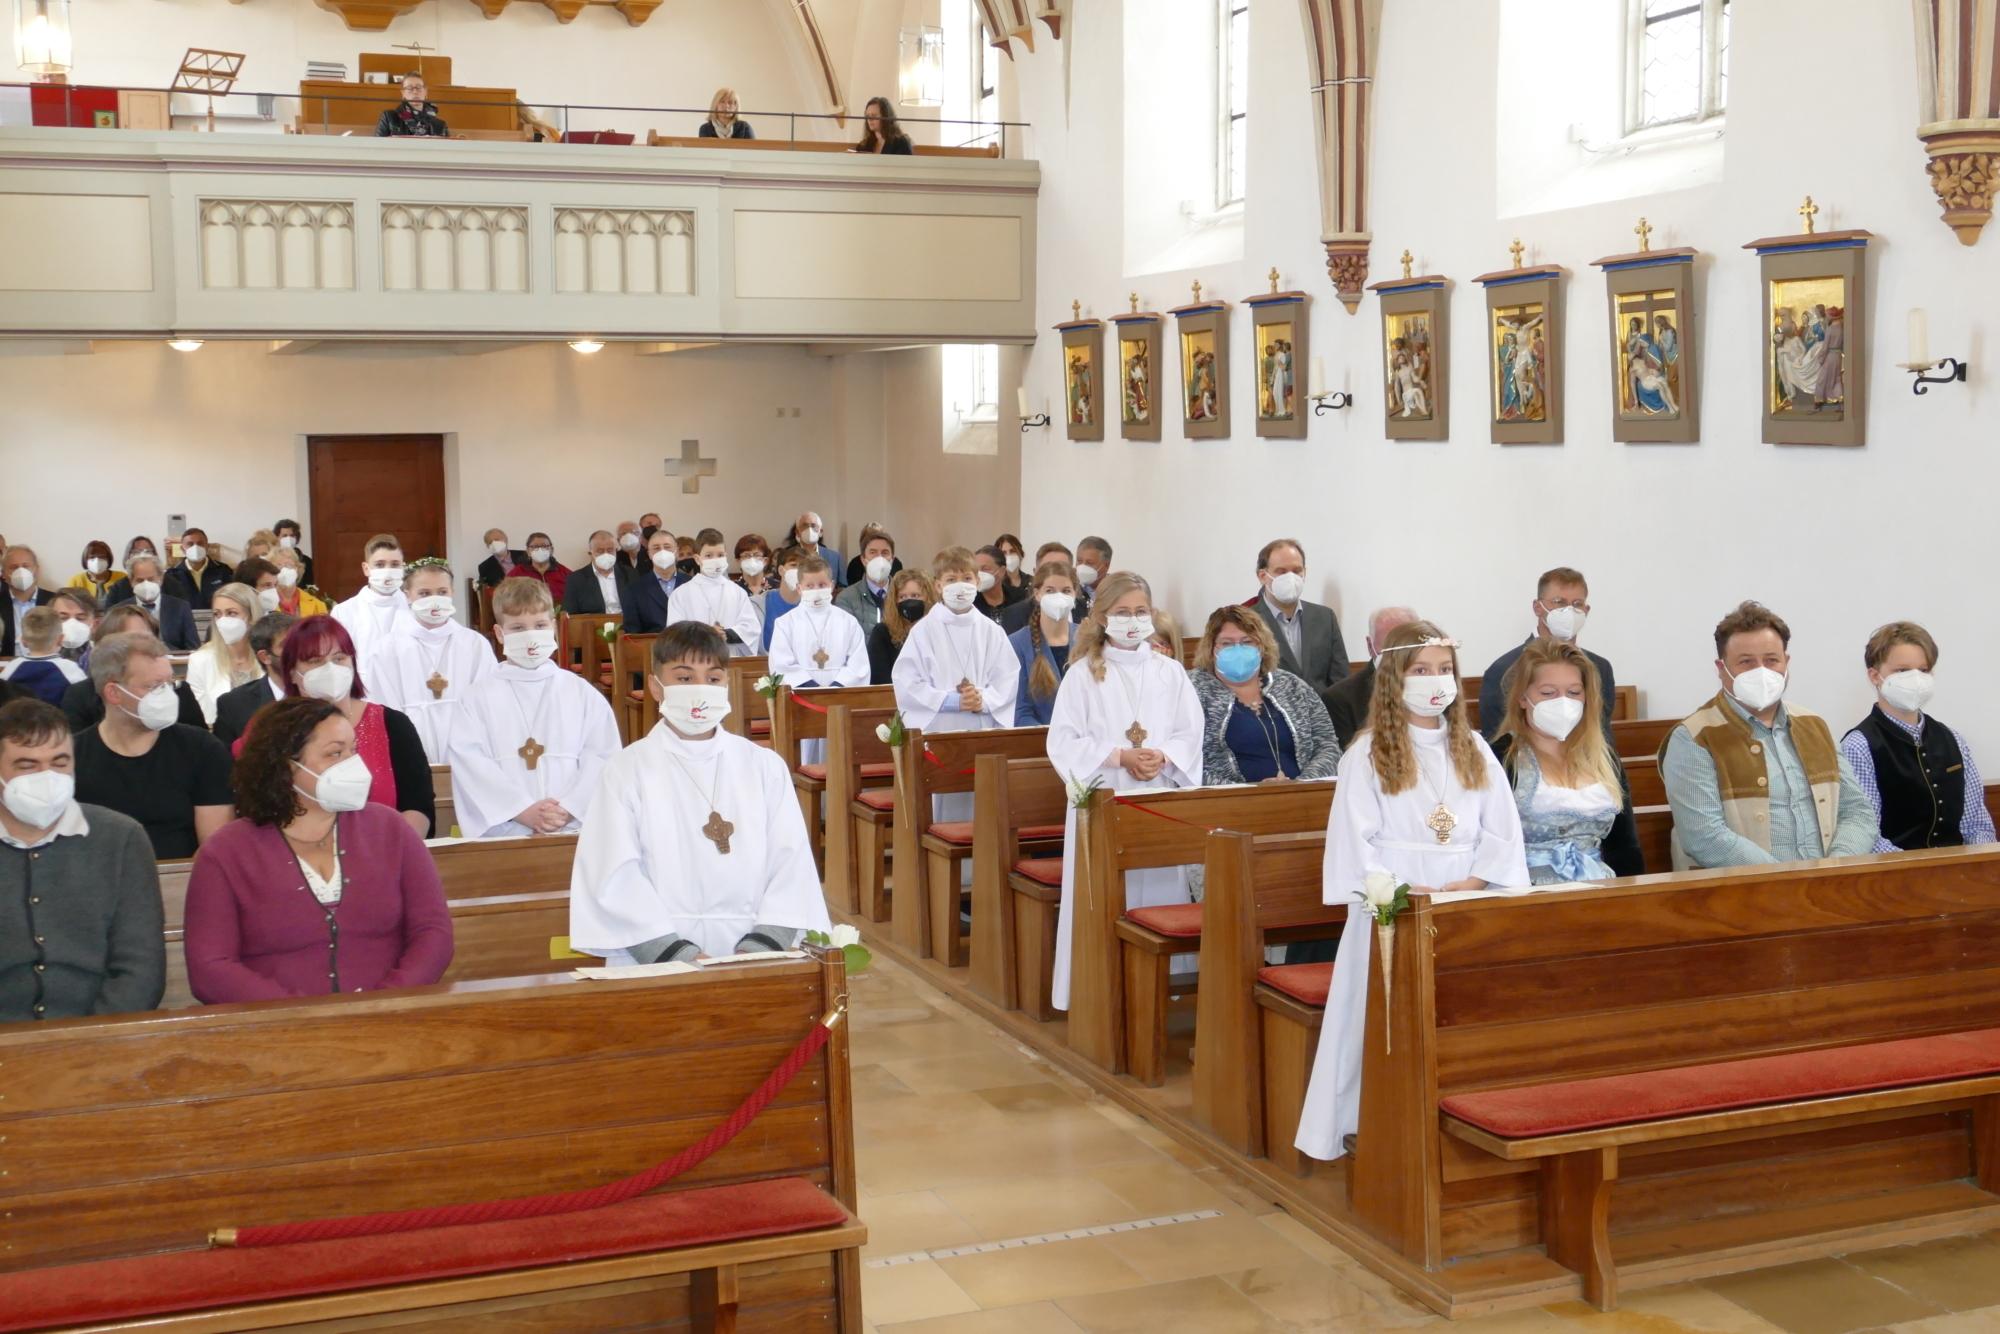 2021 Erstkommunion 16 Tauferneuerung Wittibreut